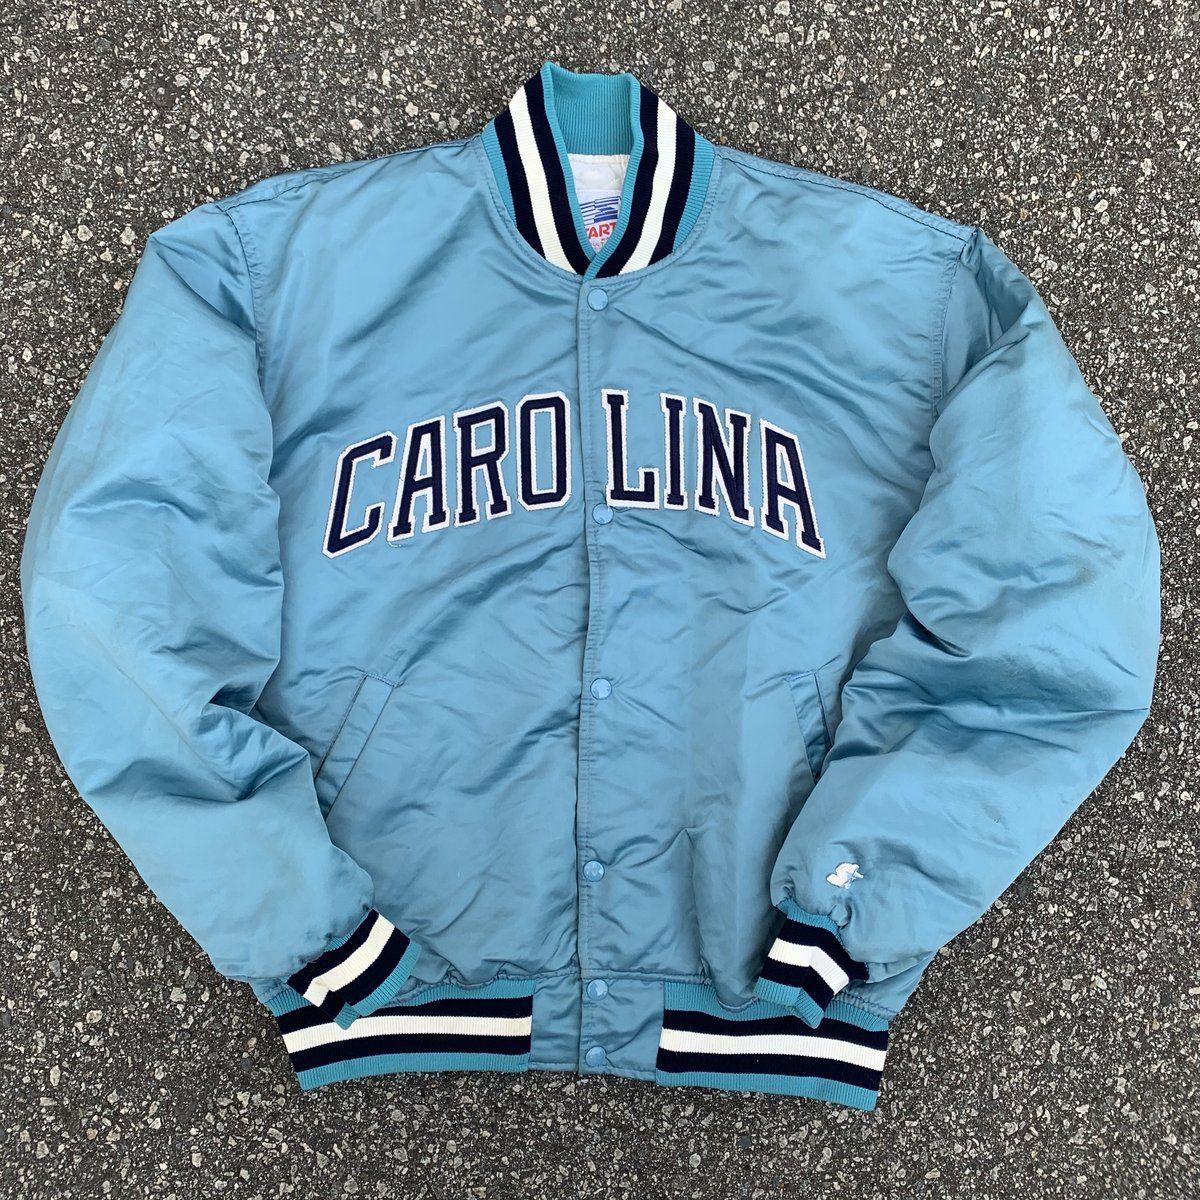 80 S Unc North Carolina Tarheels Vintage Starter Jacket North Carolina Tar Heels College Jackets Online Vintage Shop [ 1200 x 1200 Pixel ]